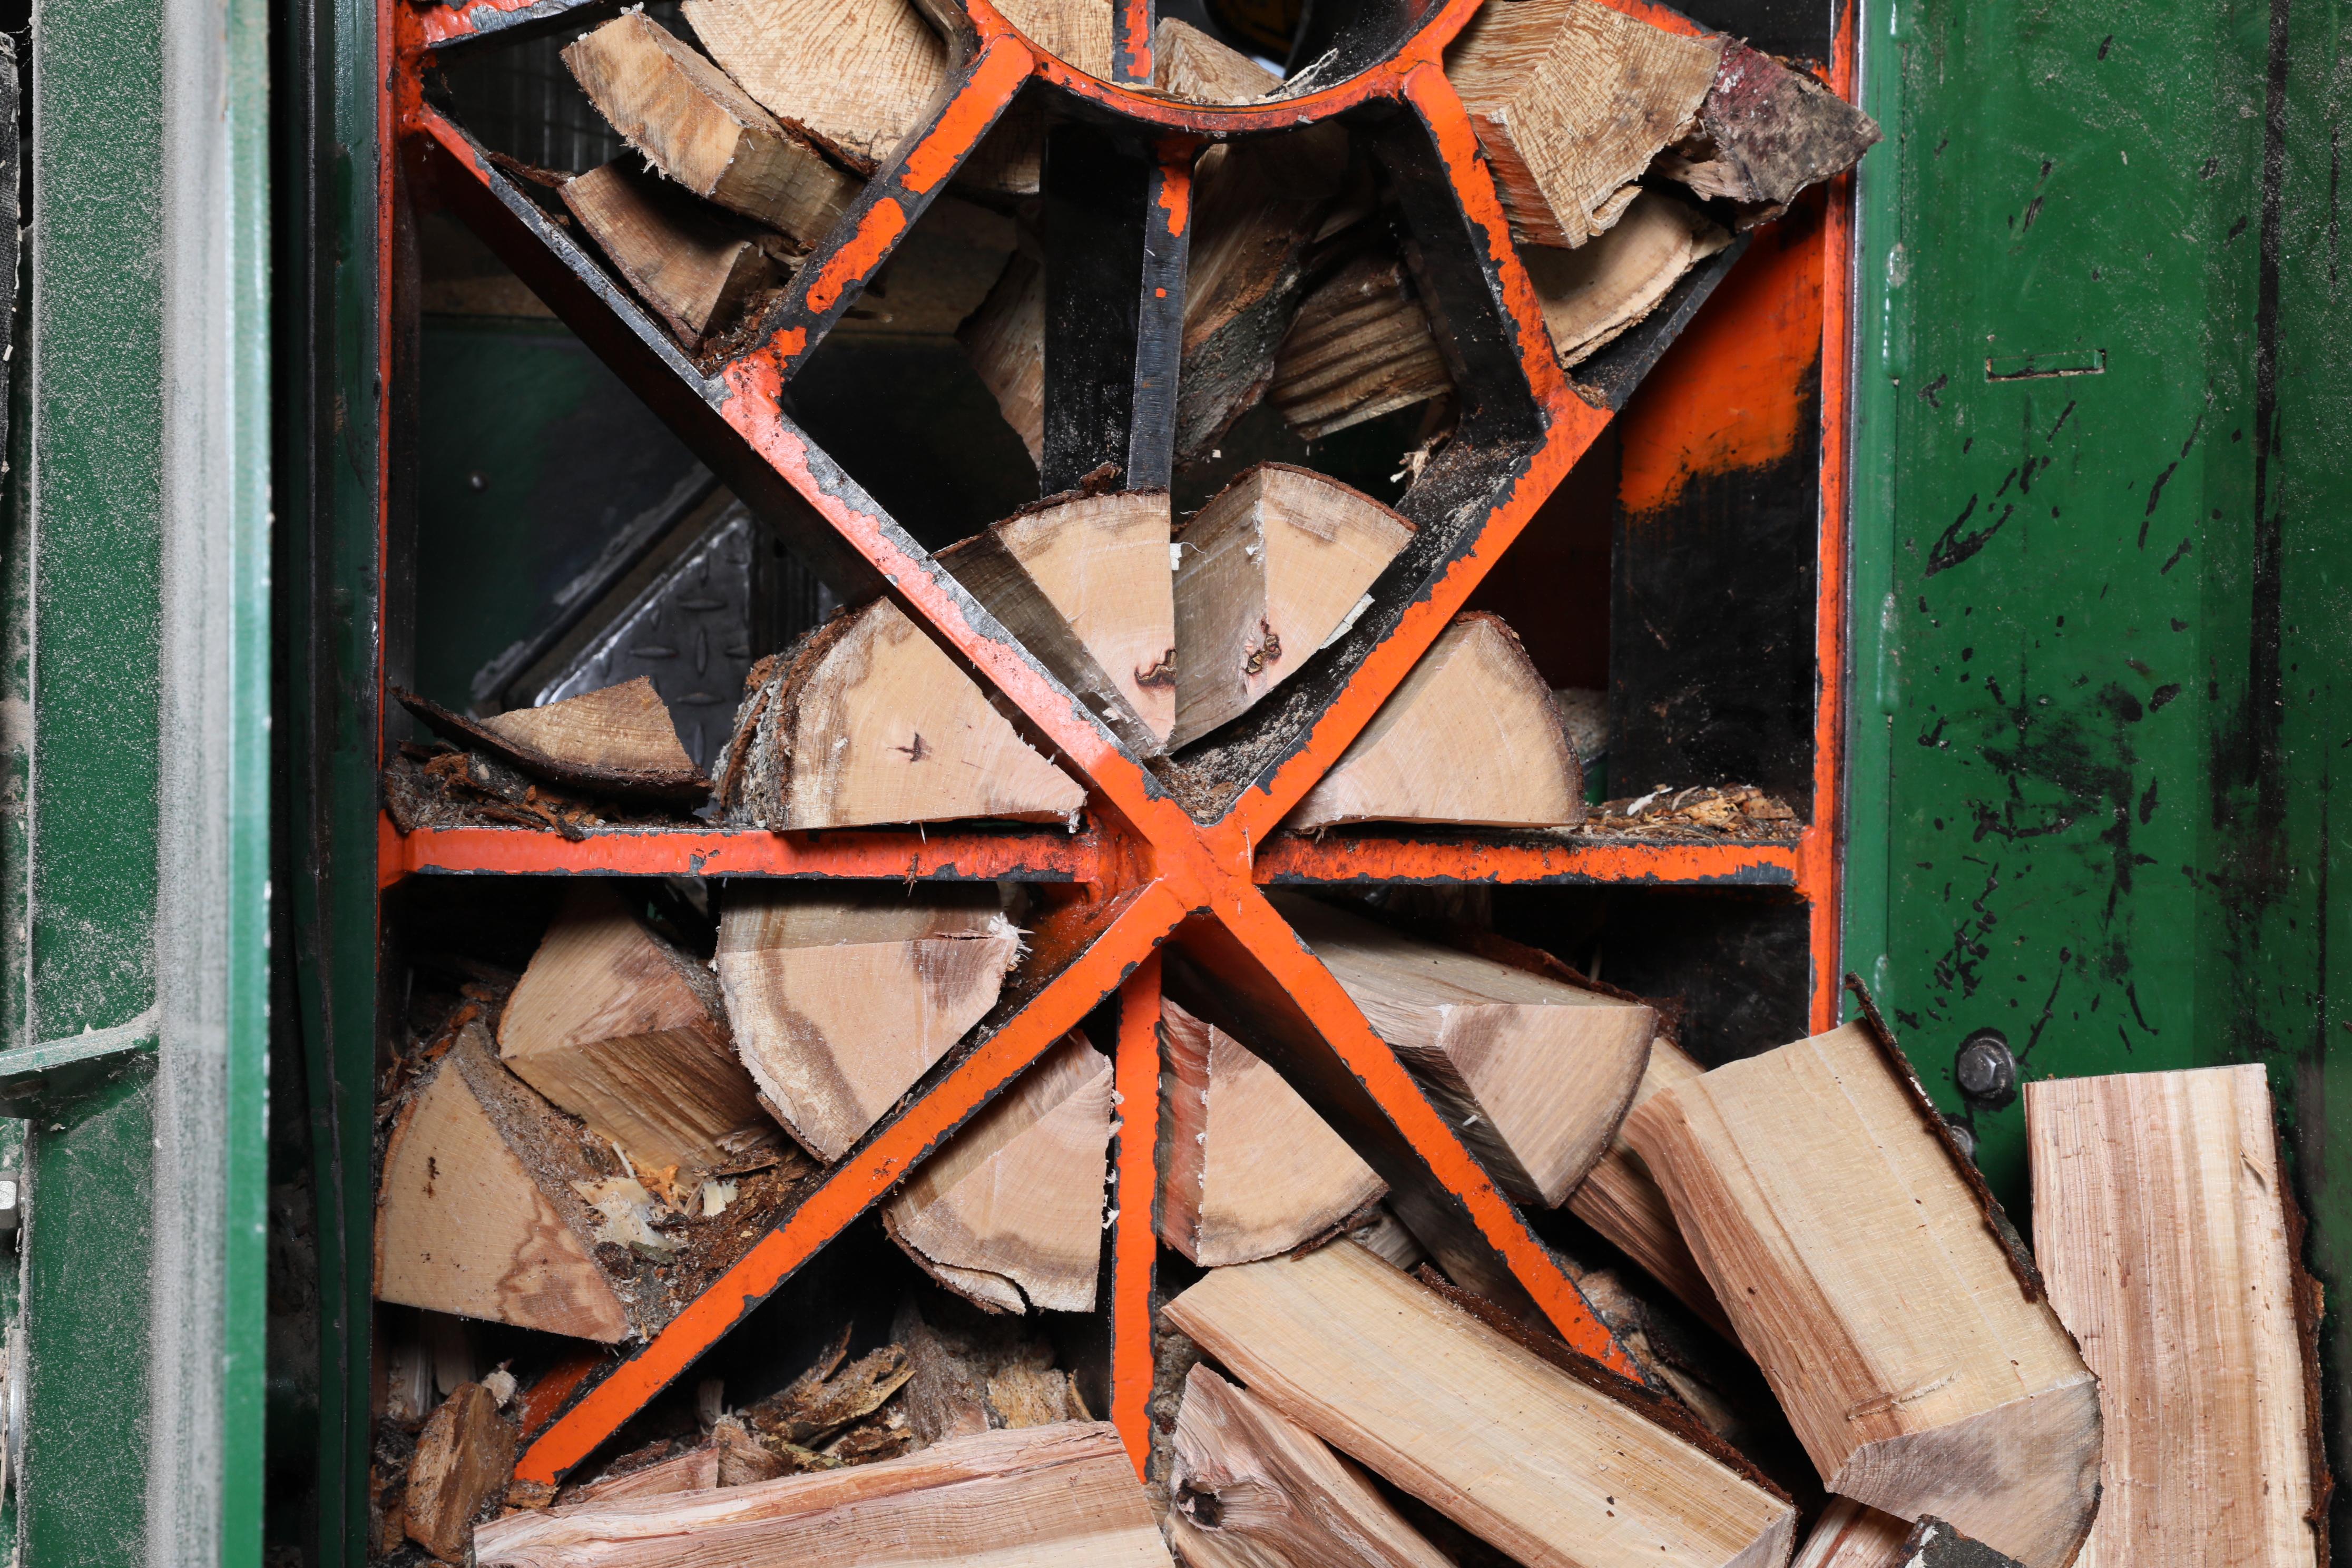 Herstellung von Scheitholz